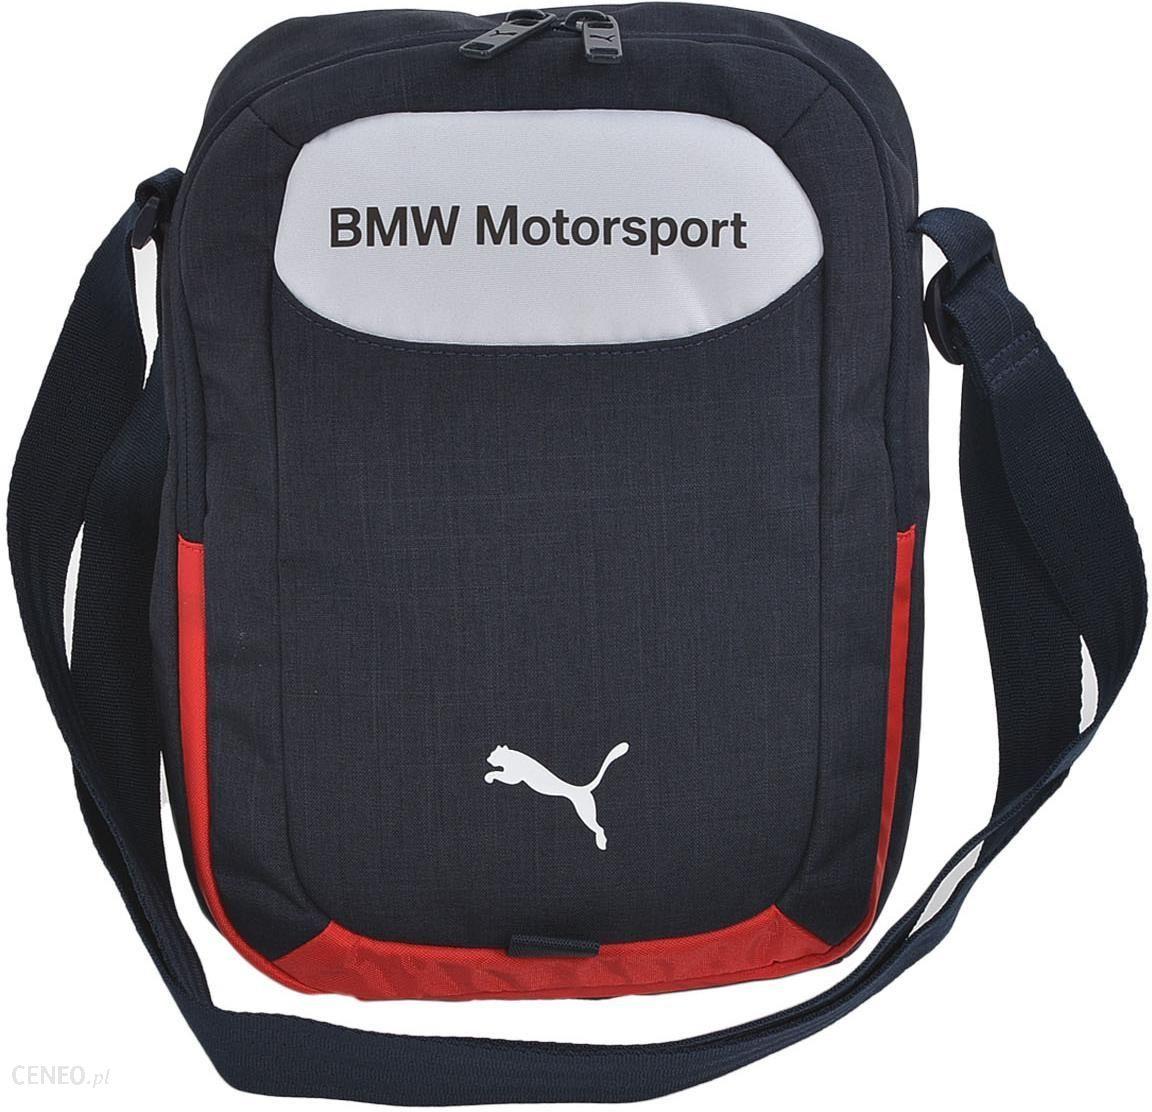 4414c226114d2 Listonoszka Puma Bmw Motorsport (074759 01) B-r - Ceny i opinie ...